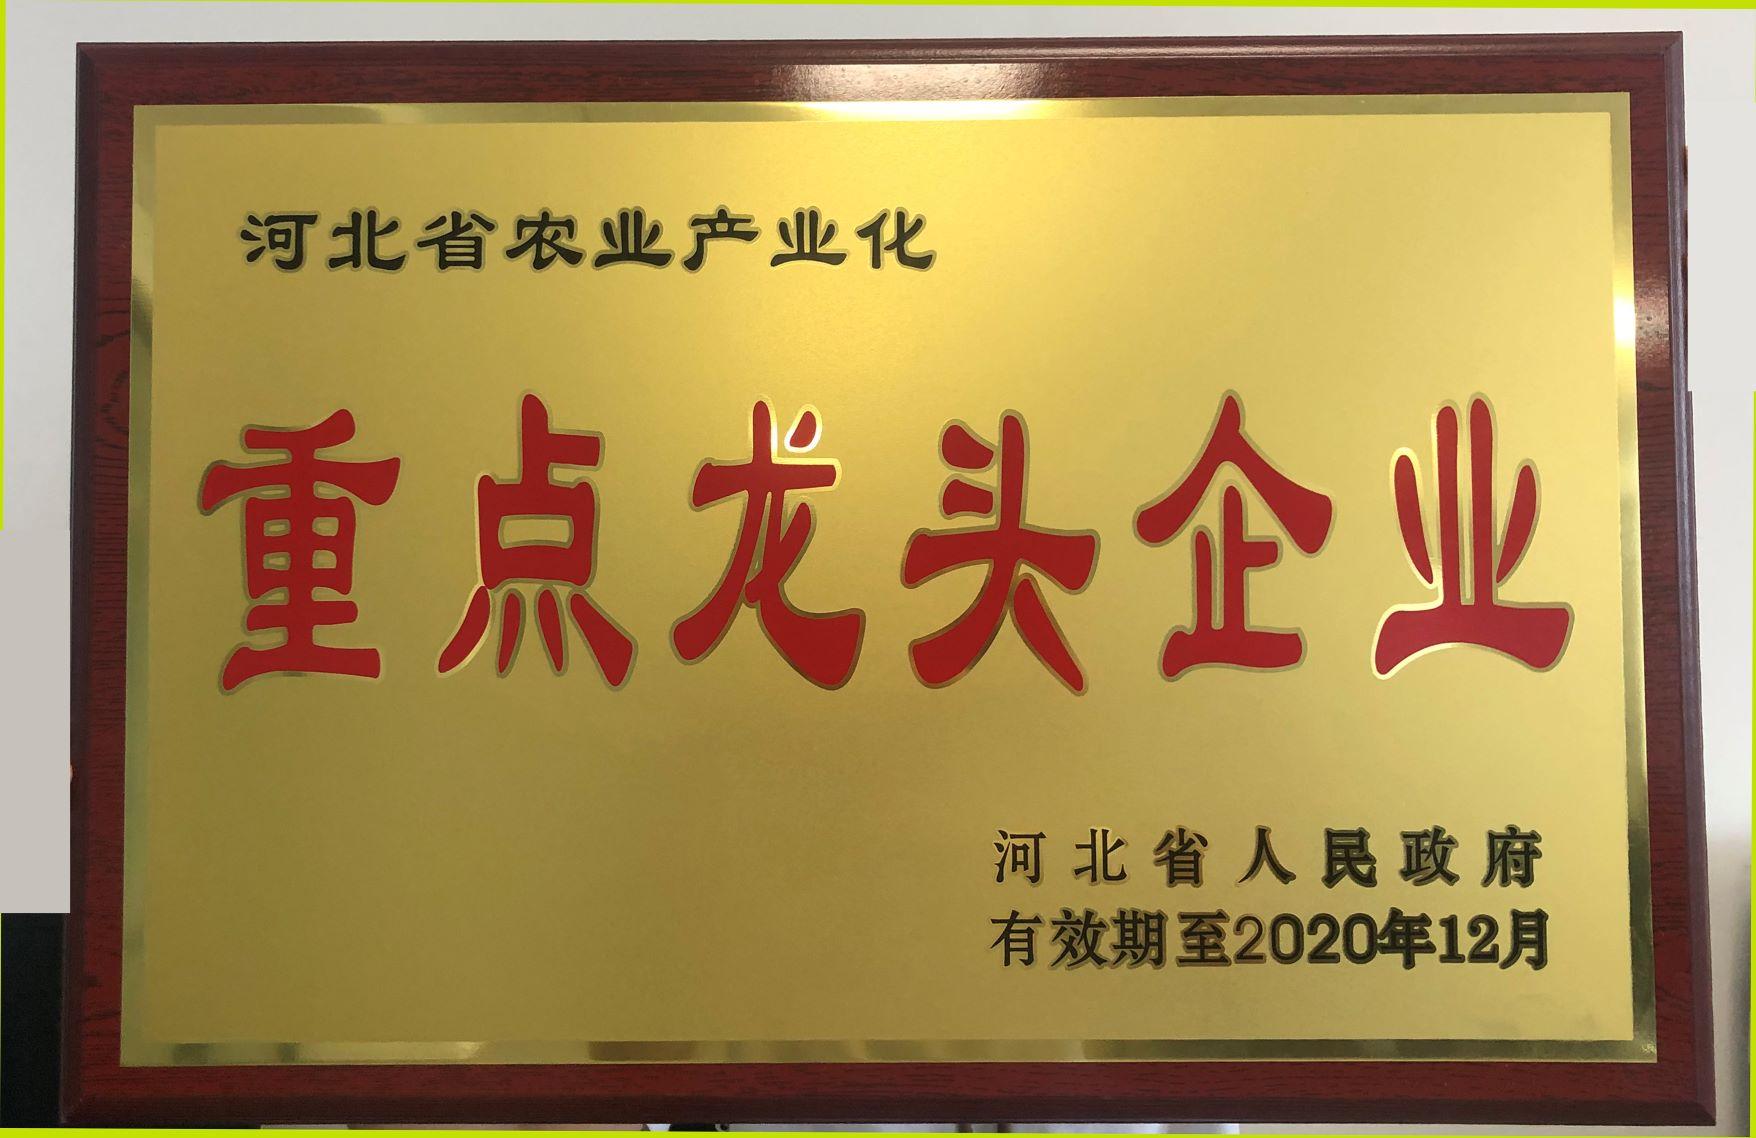 2019-2020年河北省农业产业化重点龙头大奖888pt牌匾1